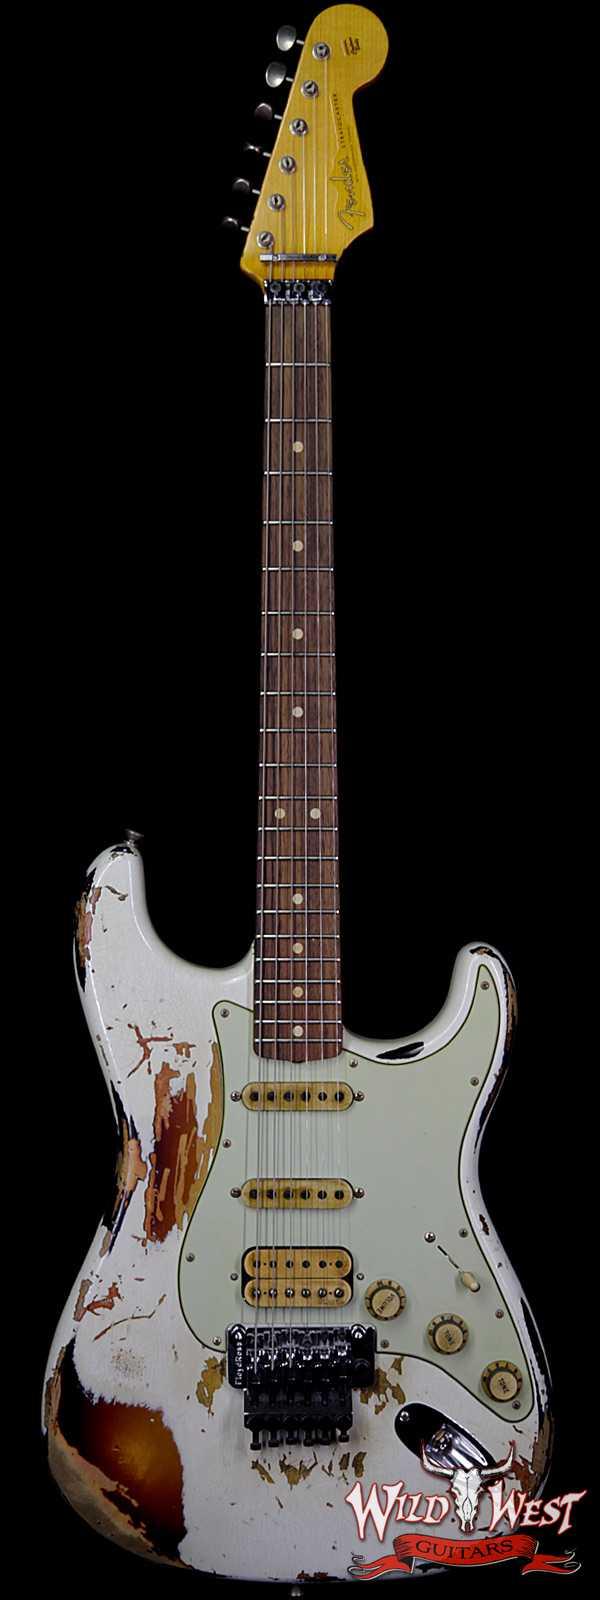 Fender Custom Shop White Lightning Stratocaster Floyd Rose HSS Rosewood Fretboard 3 Tone Sunburst